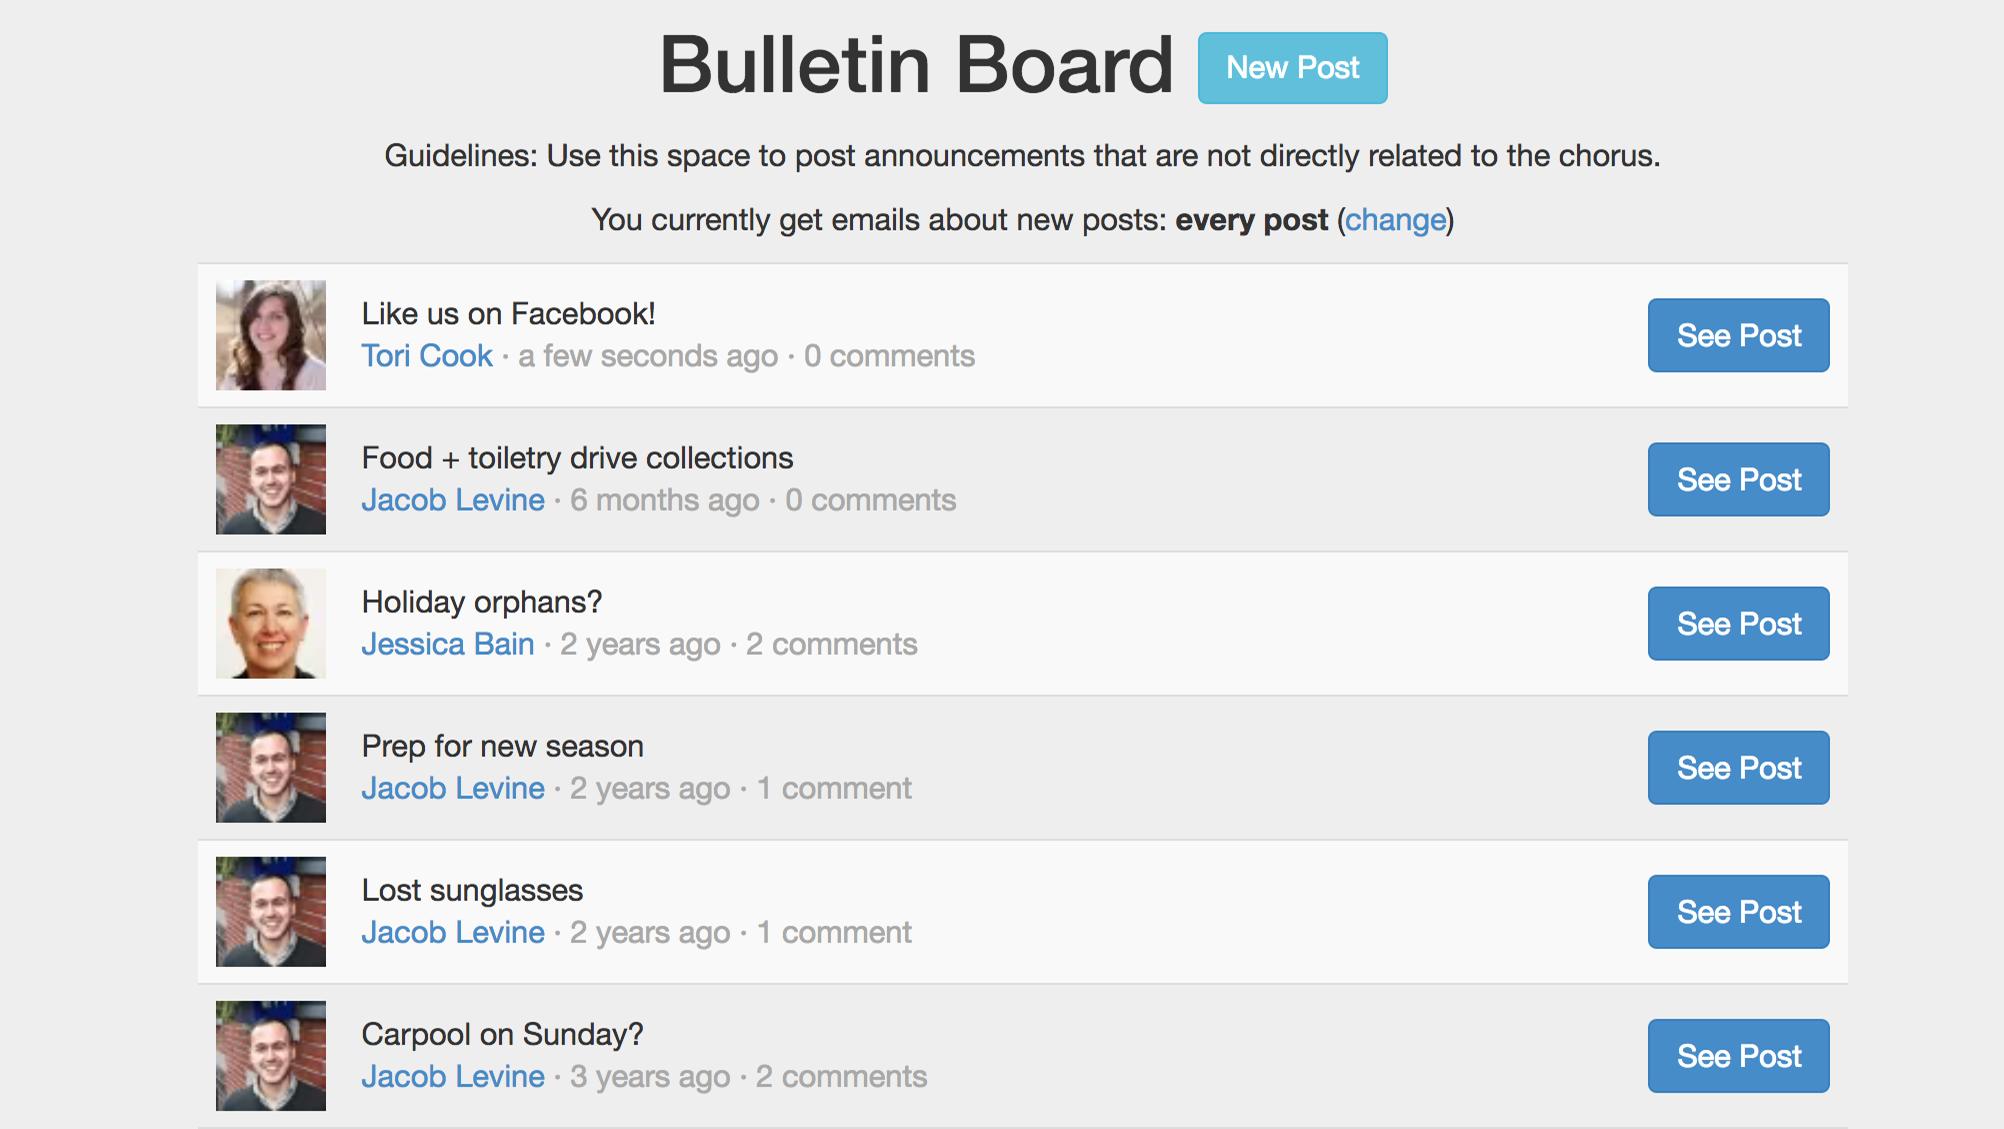 Bulletin Board Marketing